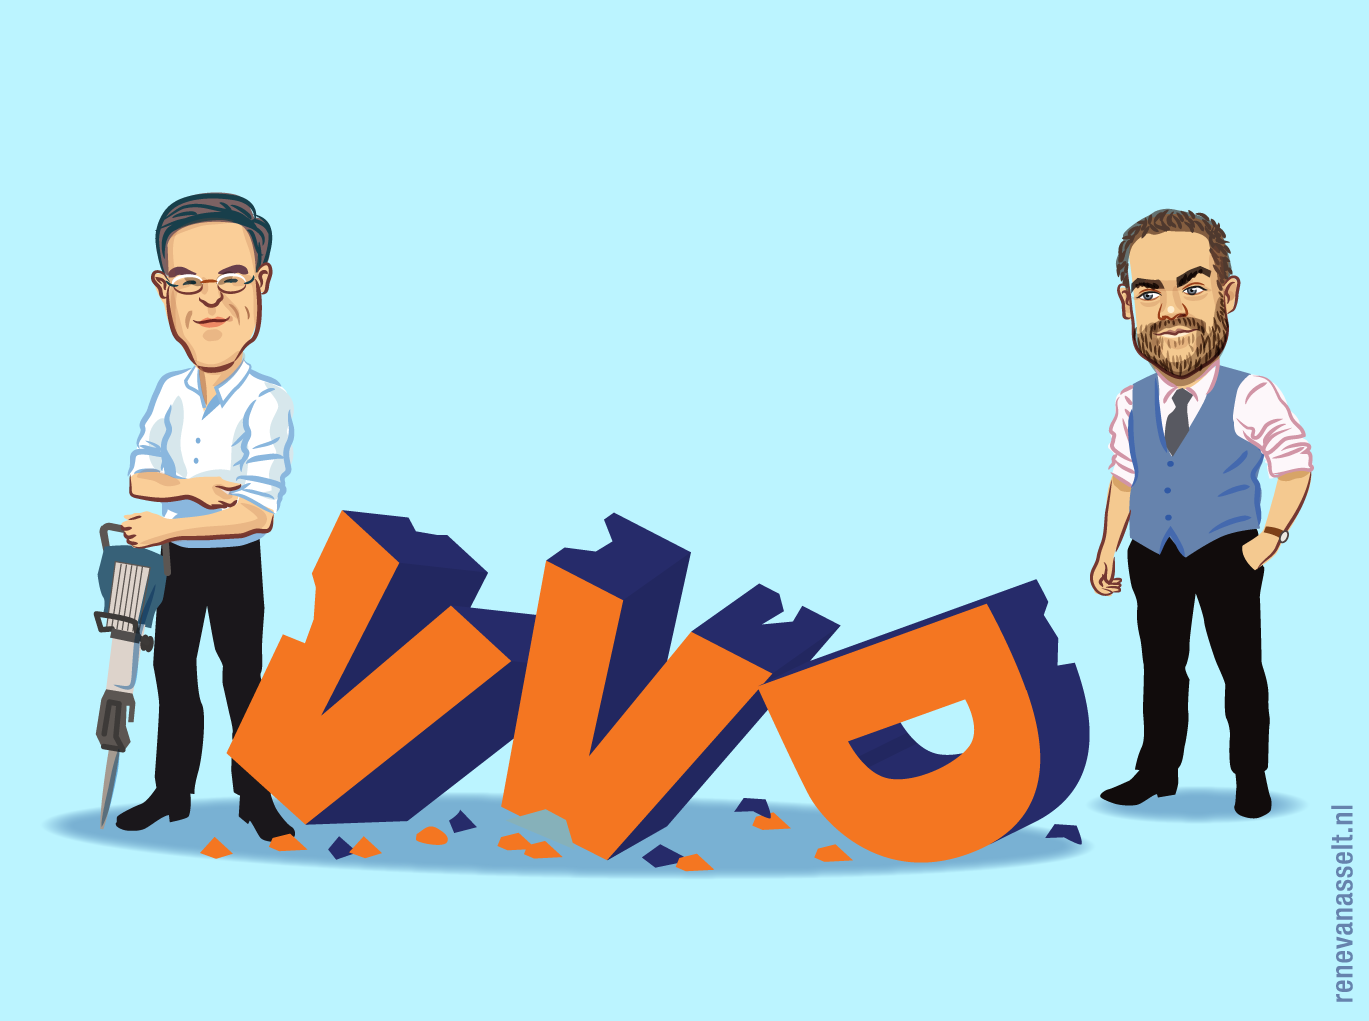 VVD-illustratie